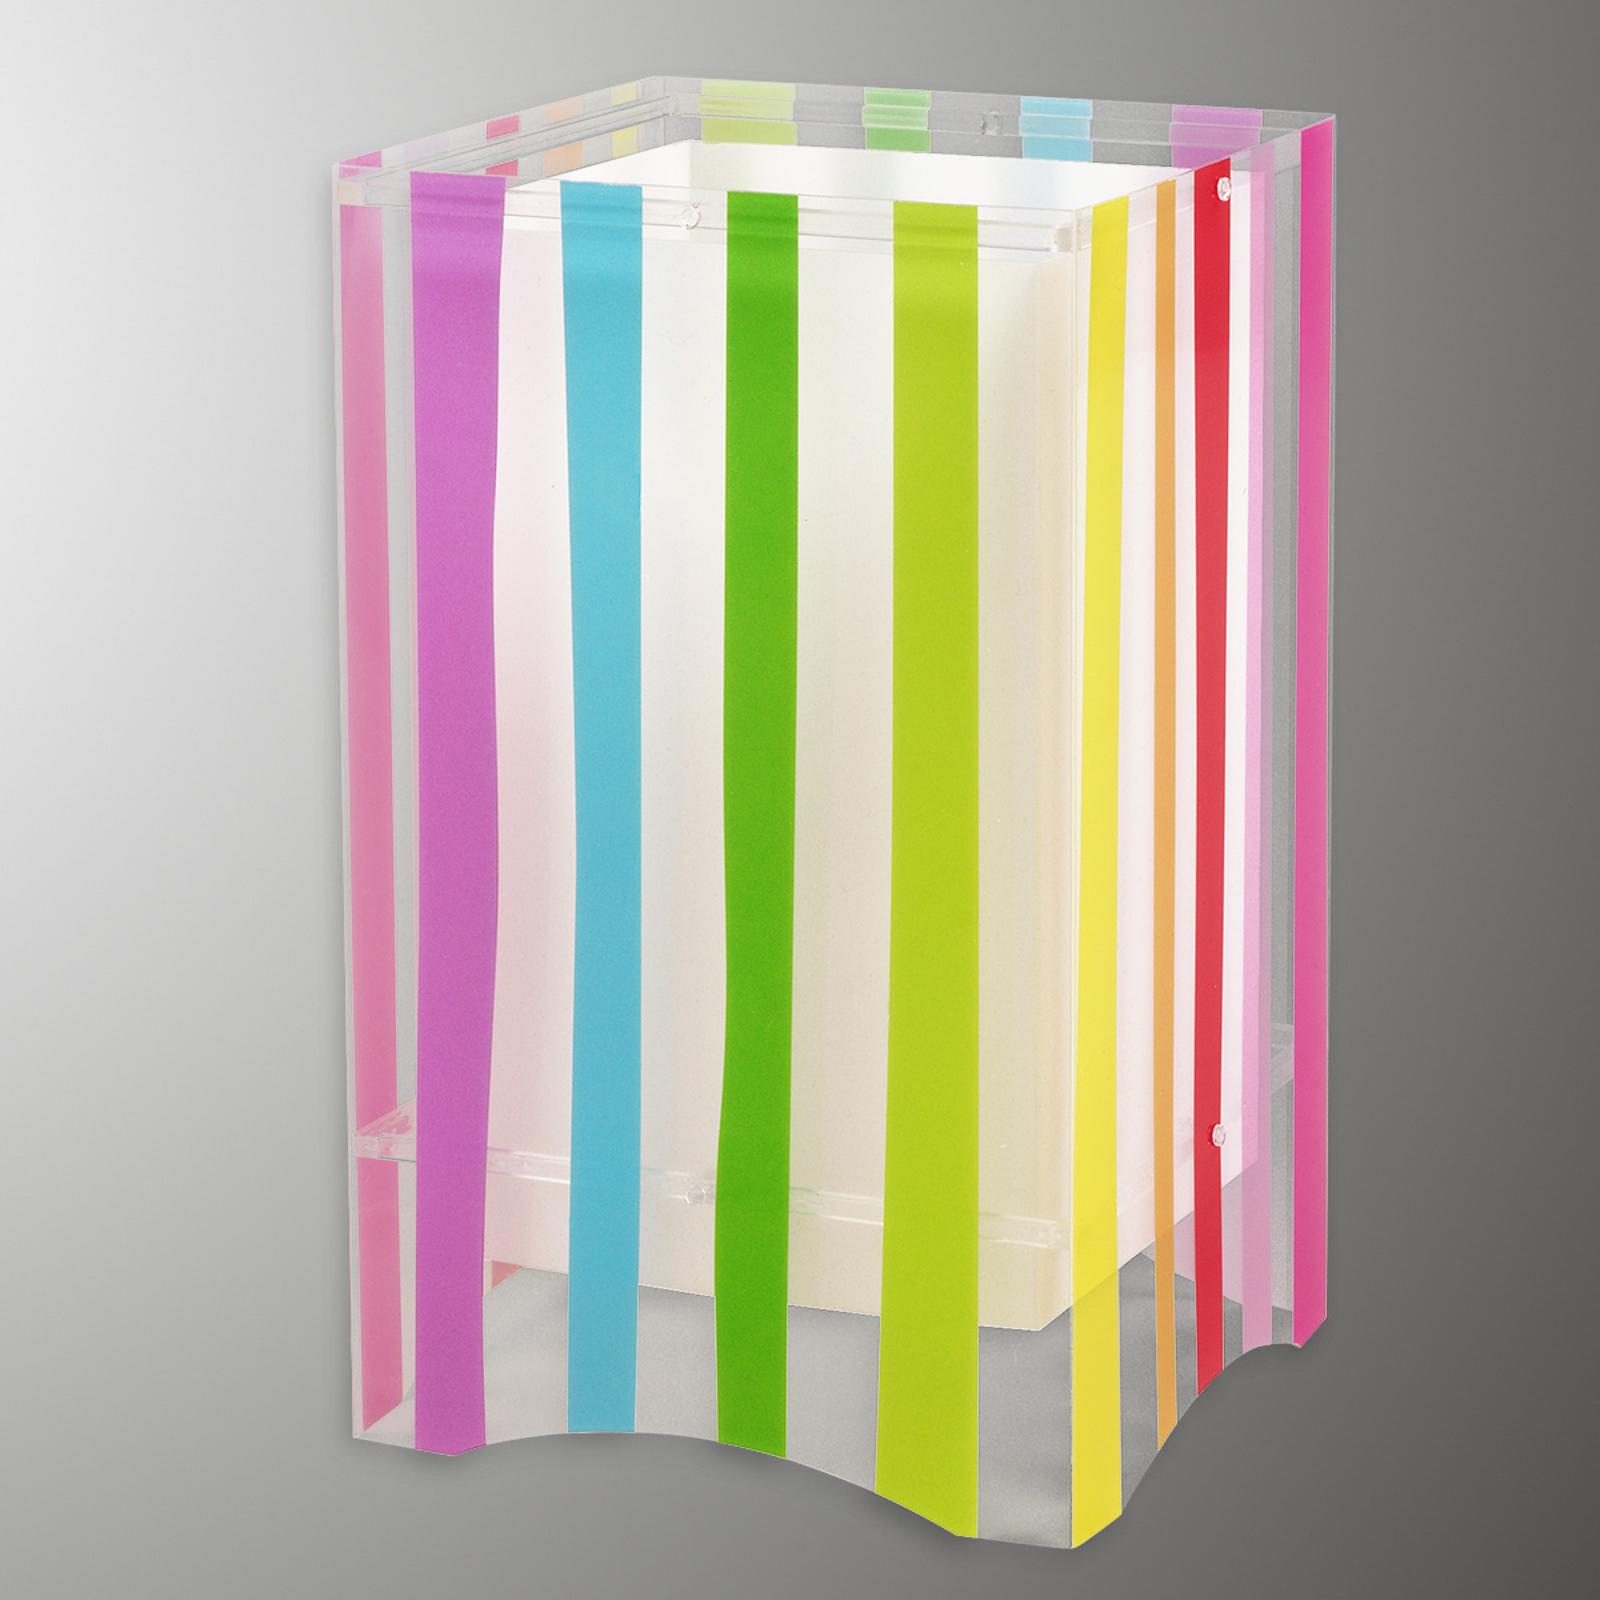 Børneværelse-bordlampen Decoline,farverige striber